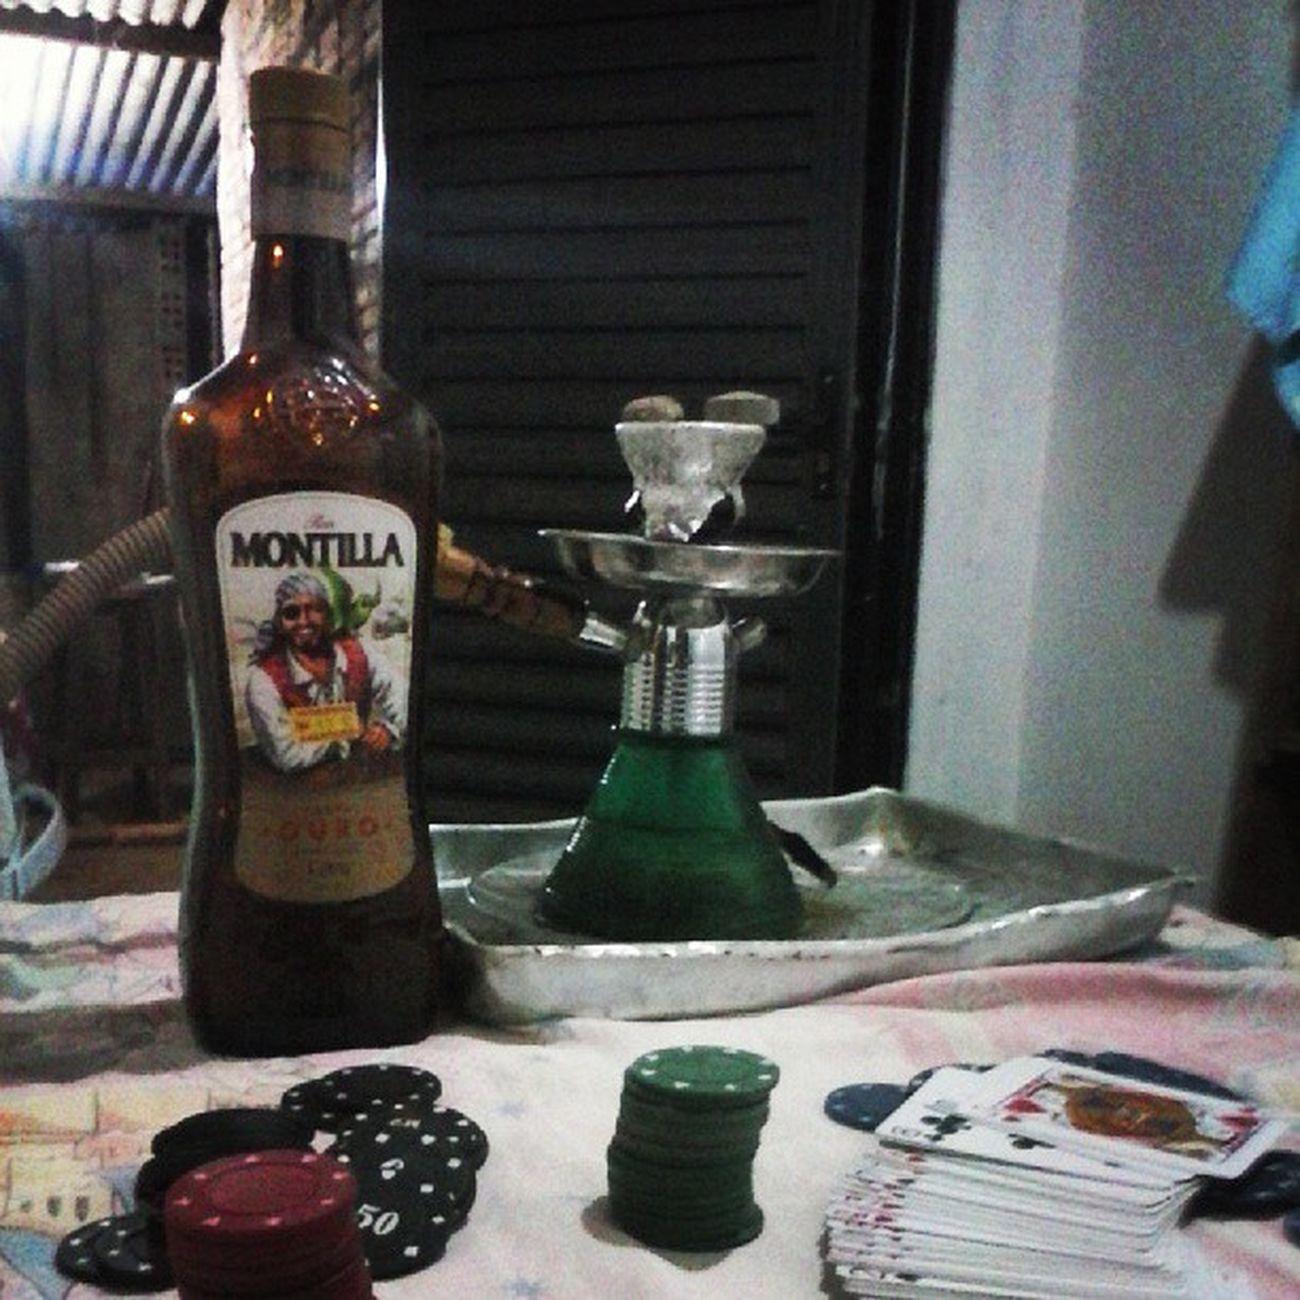 É o que tem pra sábado. Montilla Narga Narguille Cacha ça poker pôquer friends amigos instalike instaphoto like4like